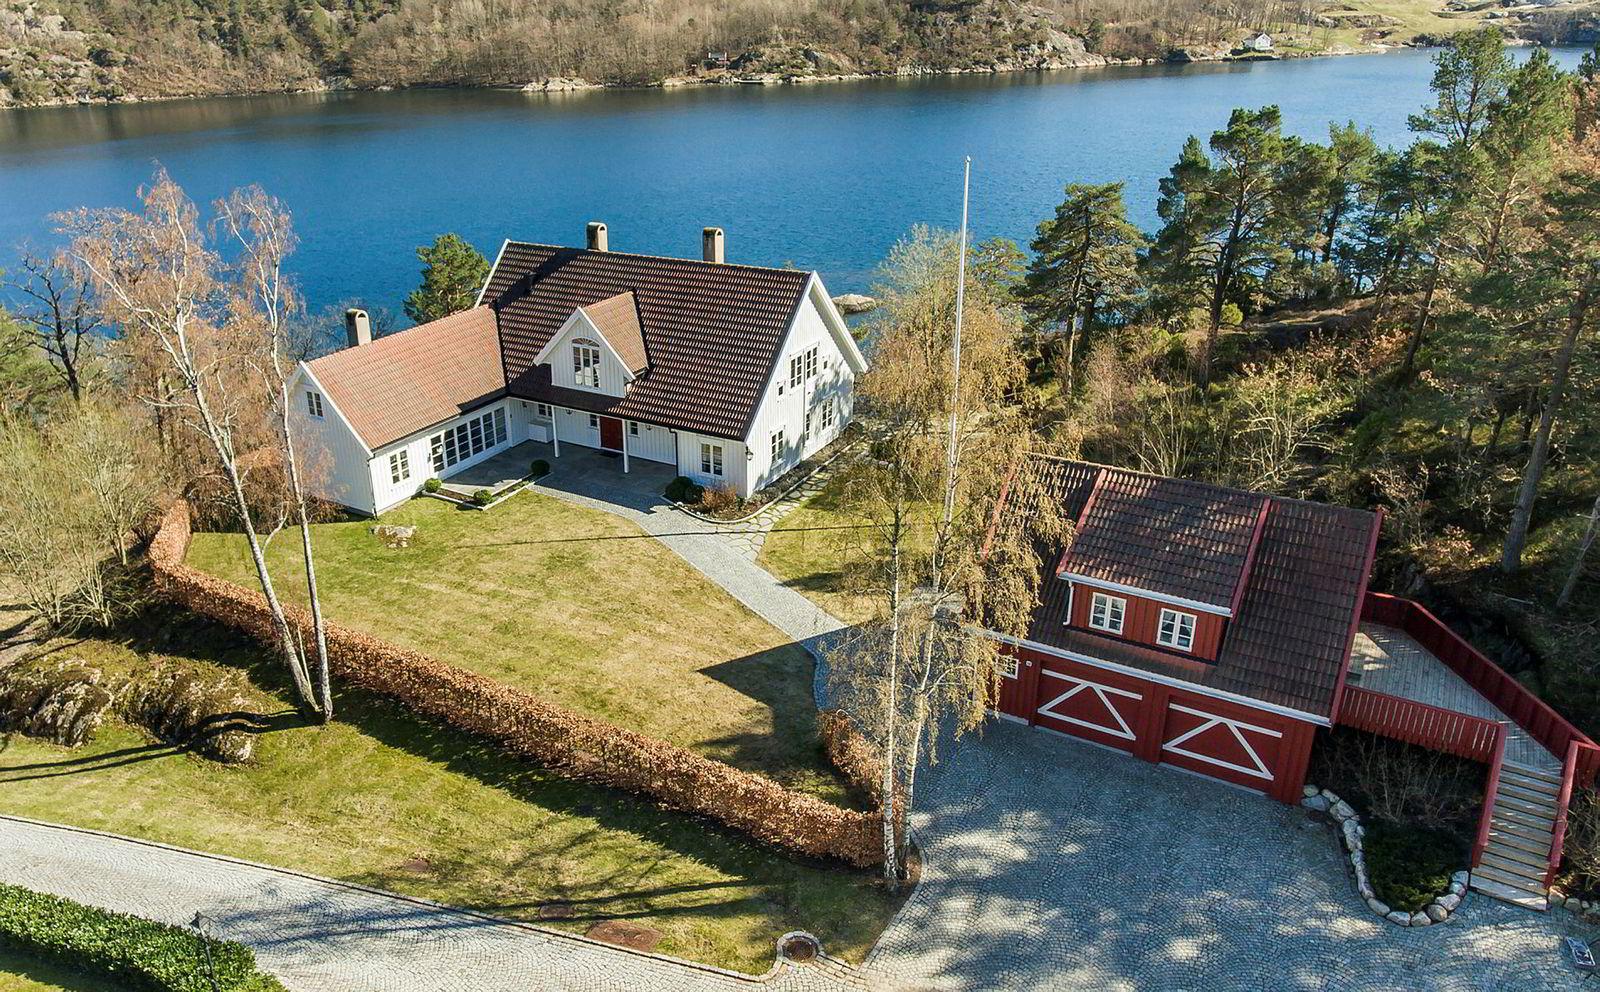 Denne eneboligen på Naxbie utenfor Grimstad ble solgt for over prisantydningen på 7,5 millioner kroner.